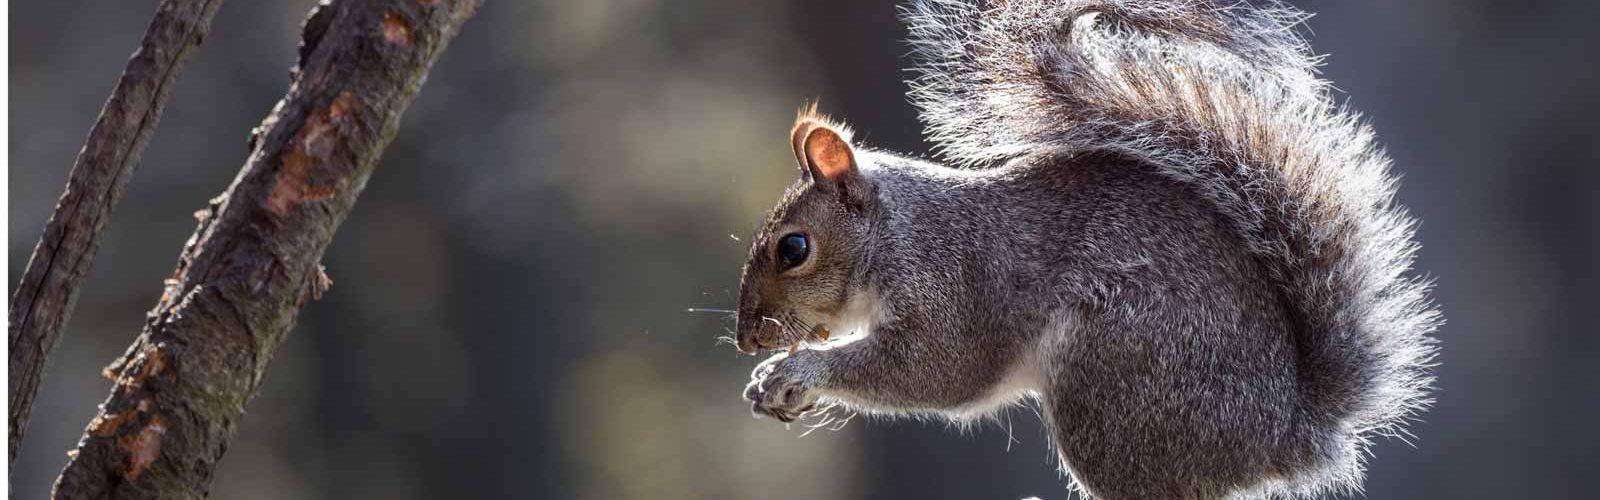 A grey squirrel eating a nut